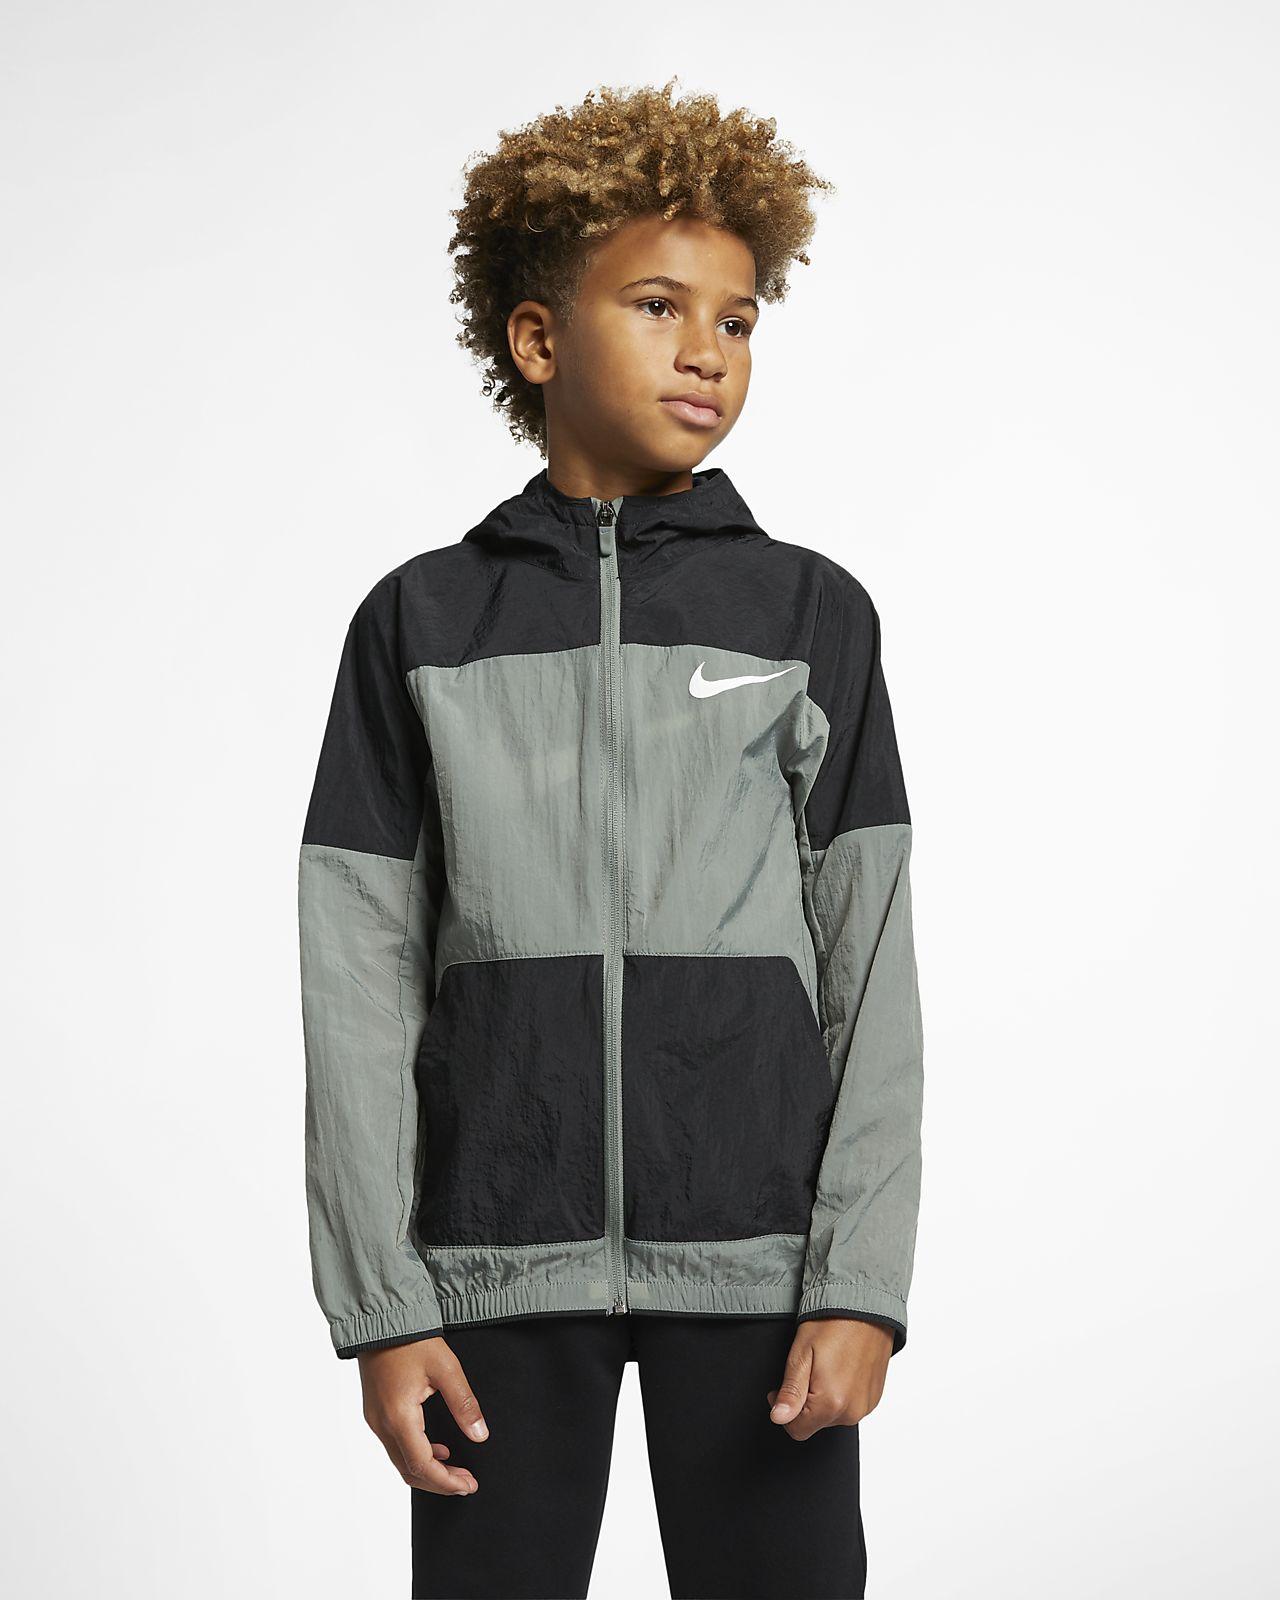 Nike Dri-FIT Web-Trainingsjacke für ältere Kinder